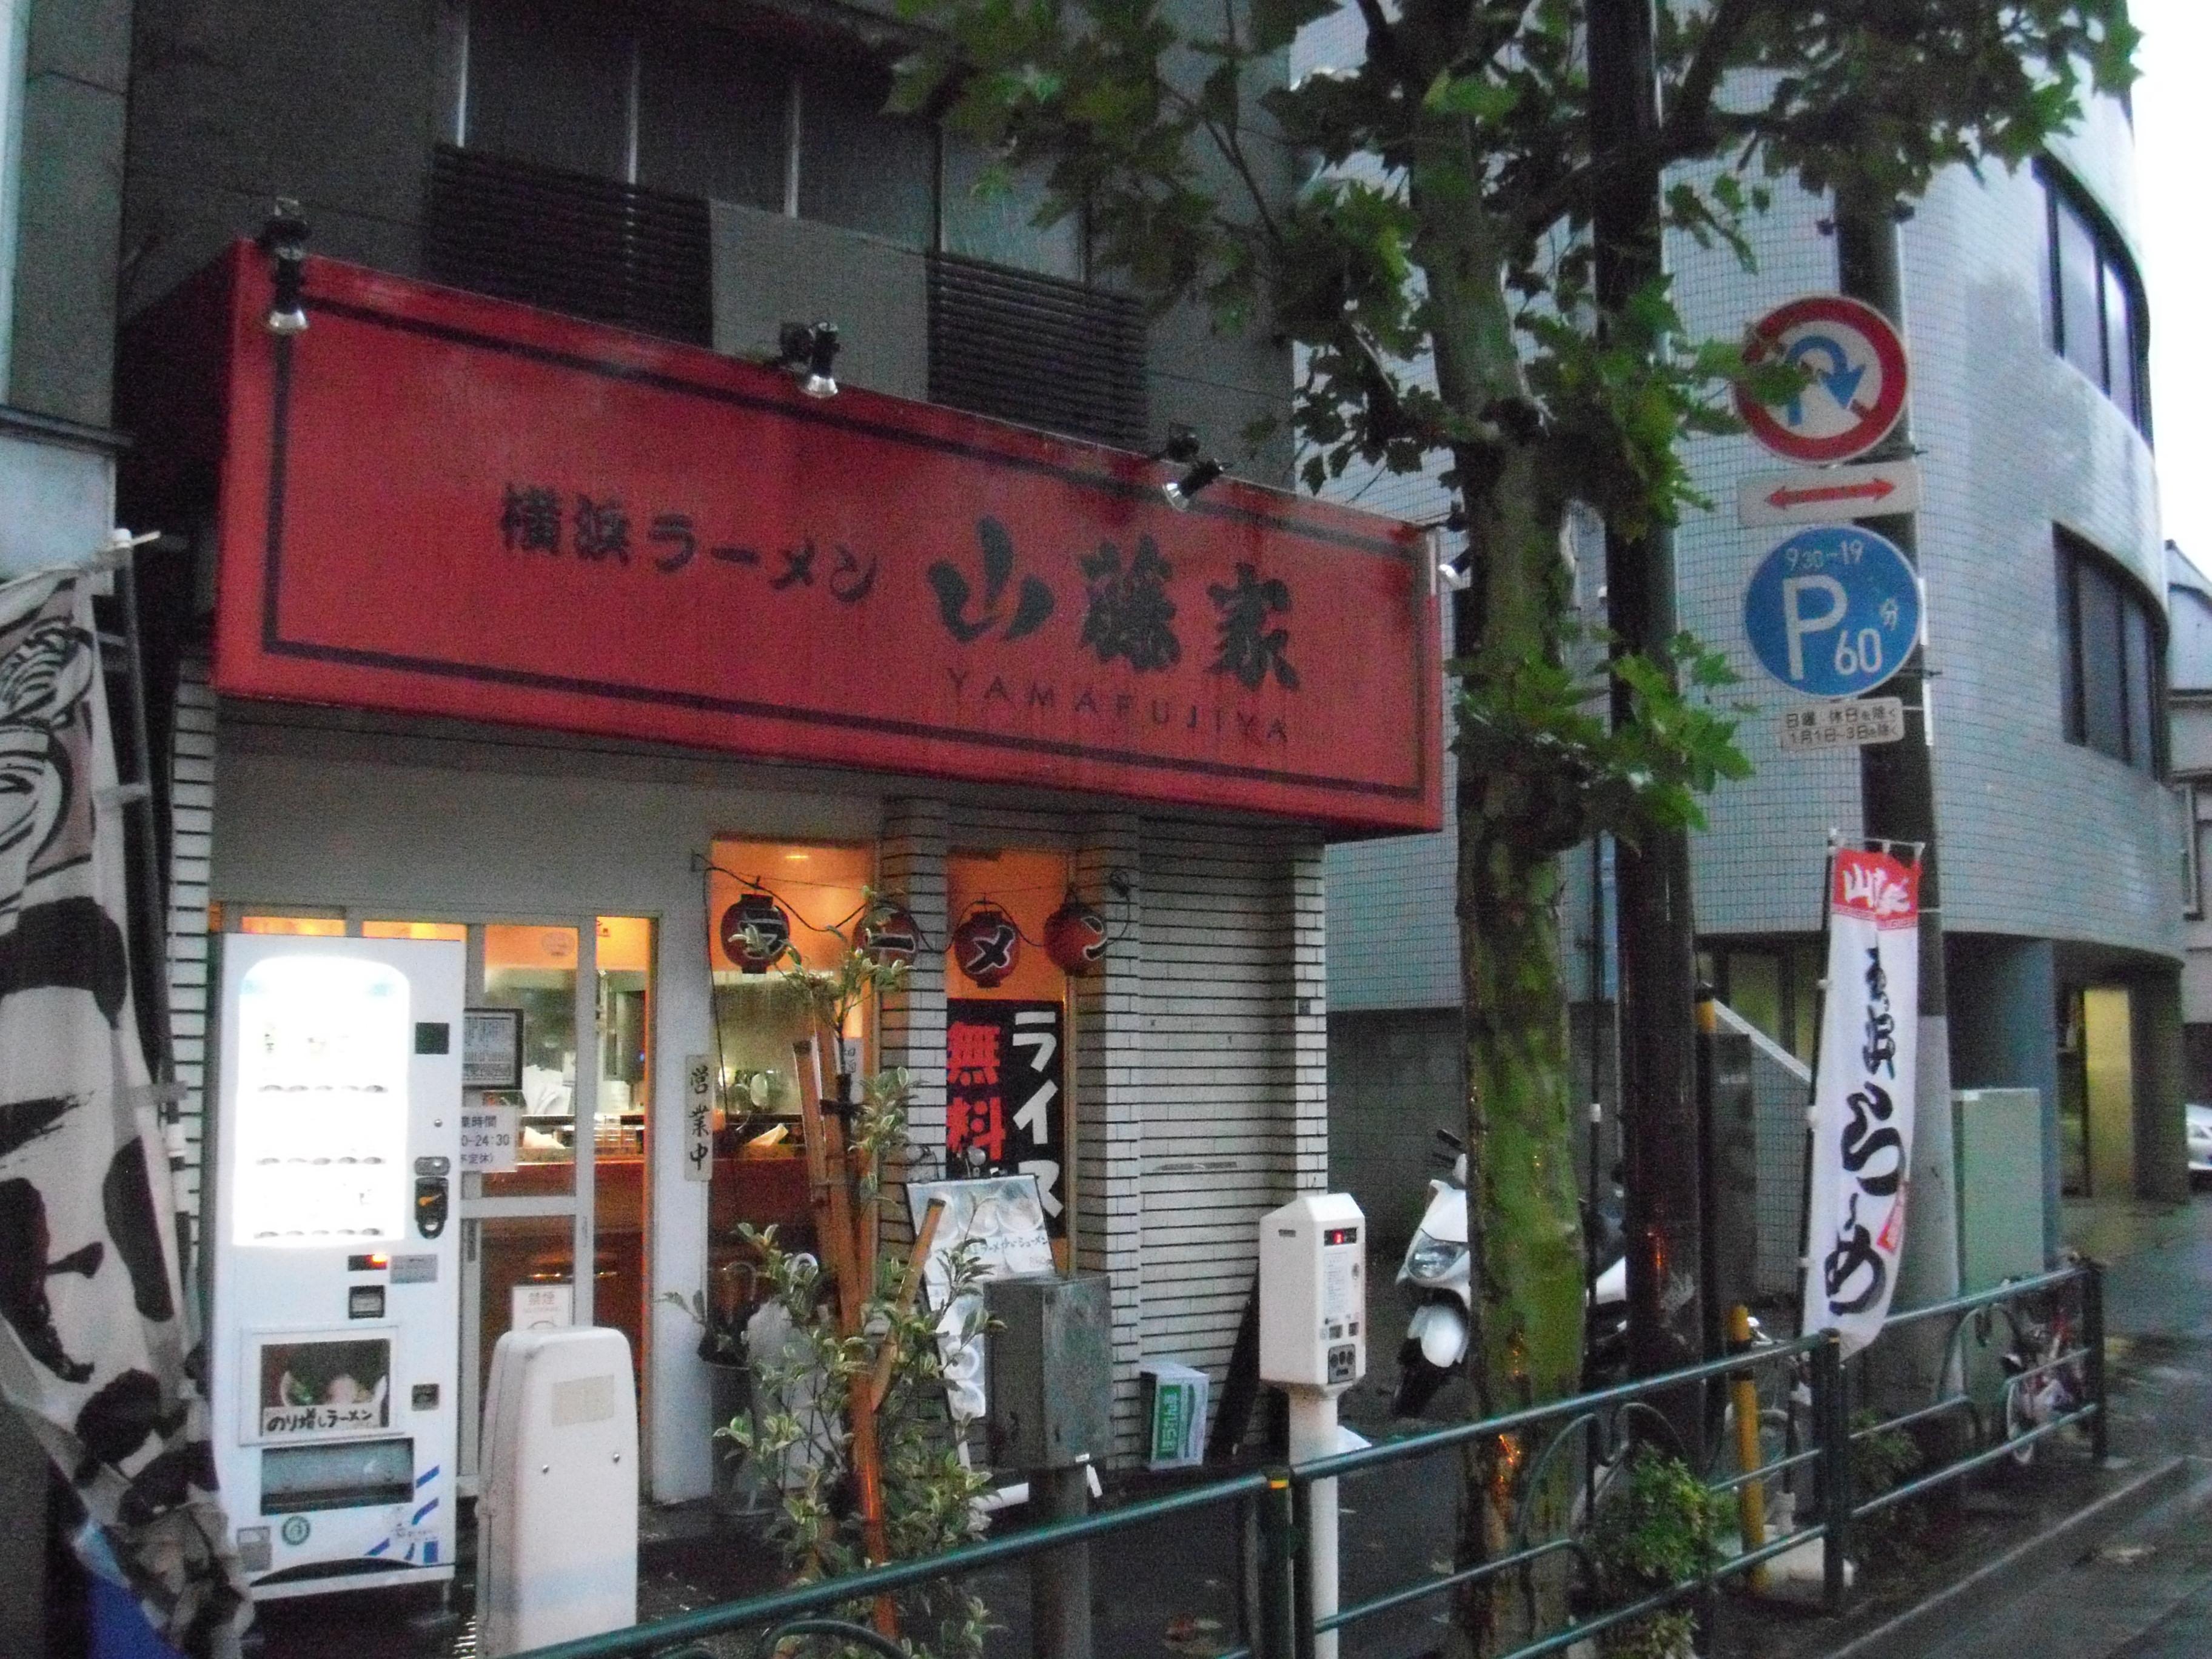 落合南長崎店 横浜ラーメン 山藤家様